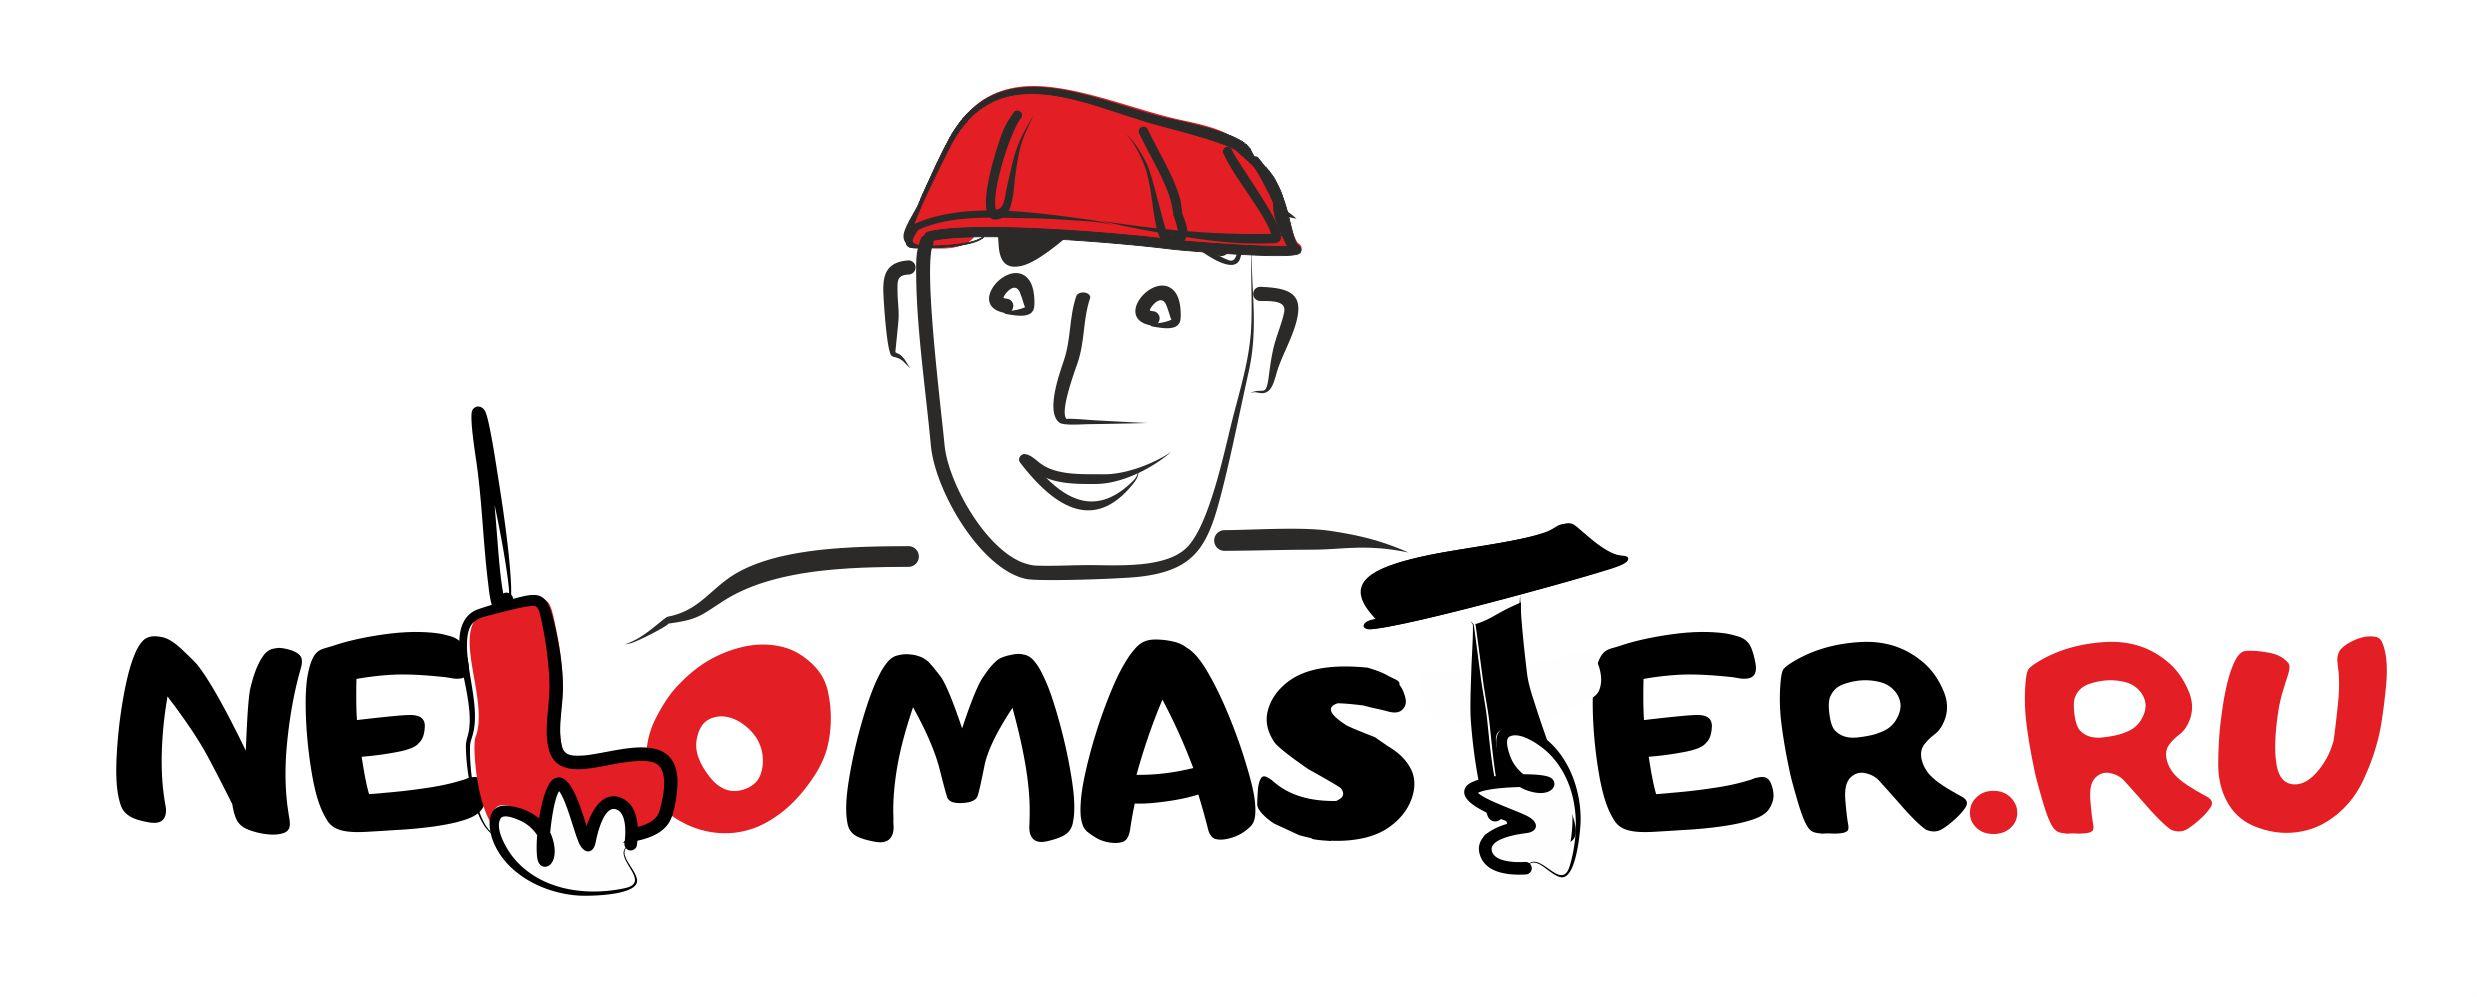 """Логотип сервиса """"Муж на час""""=""""Мужская помощь по дому"""" фото f_5955dc039f8471e7.jpg"""